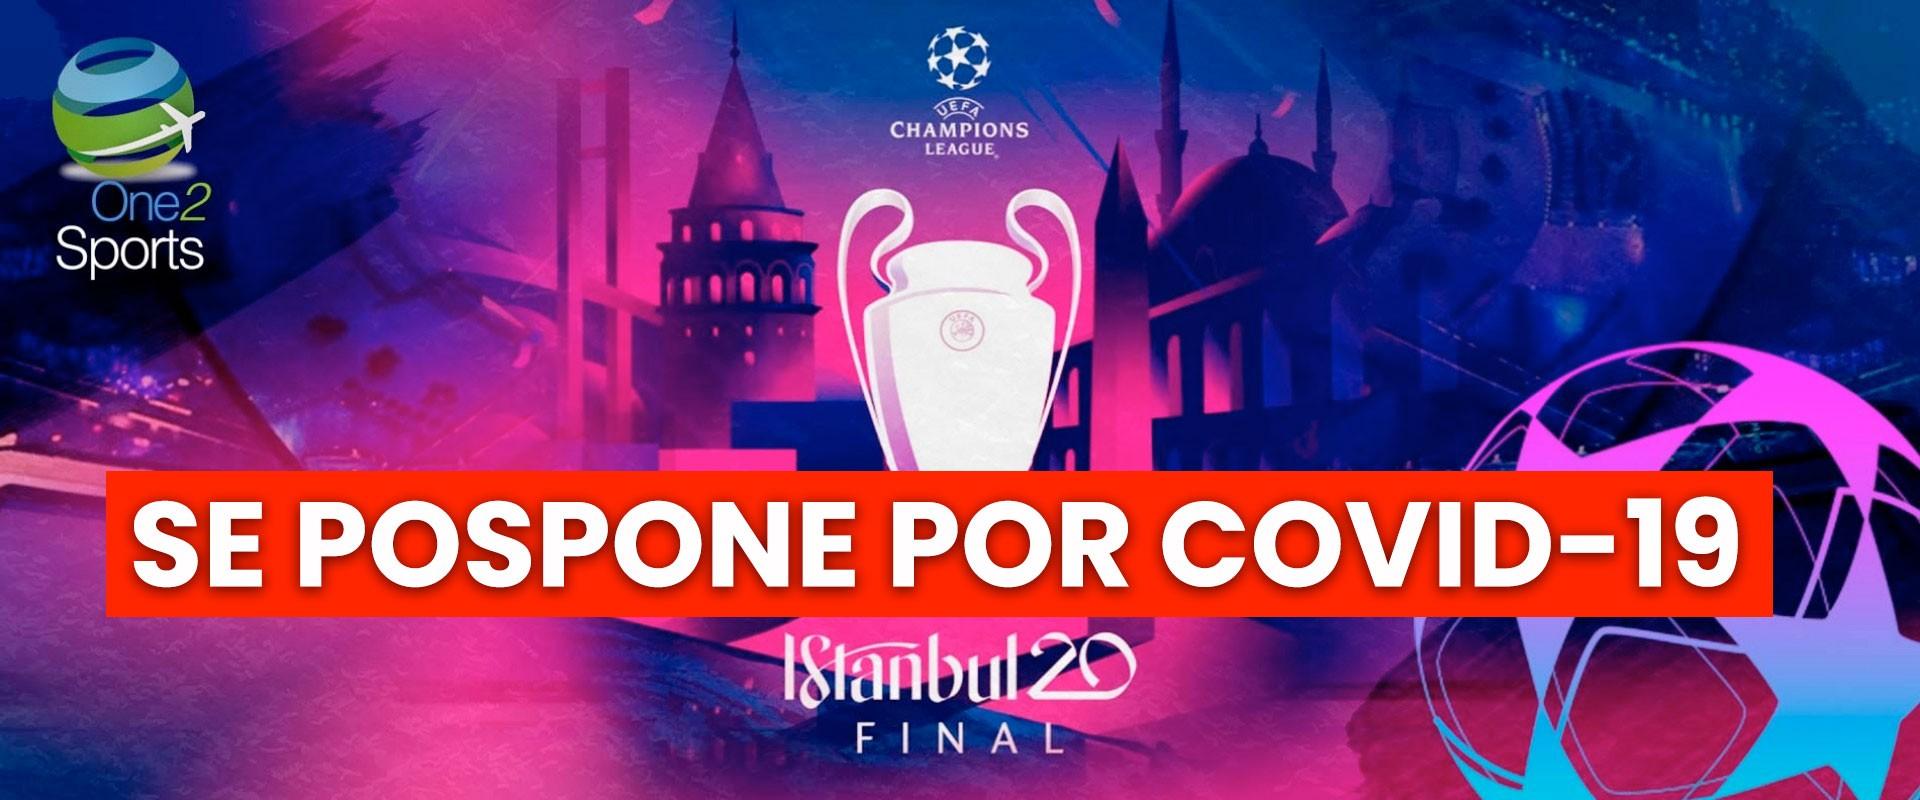 Final Champions League 2020